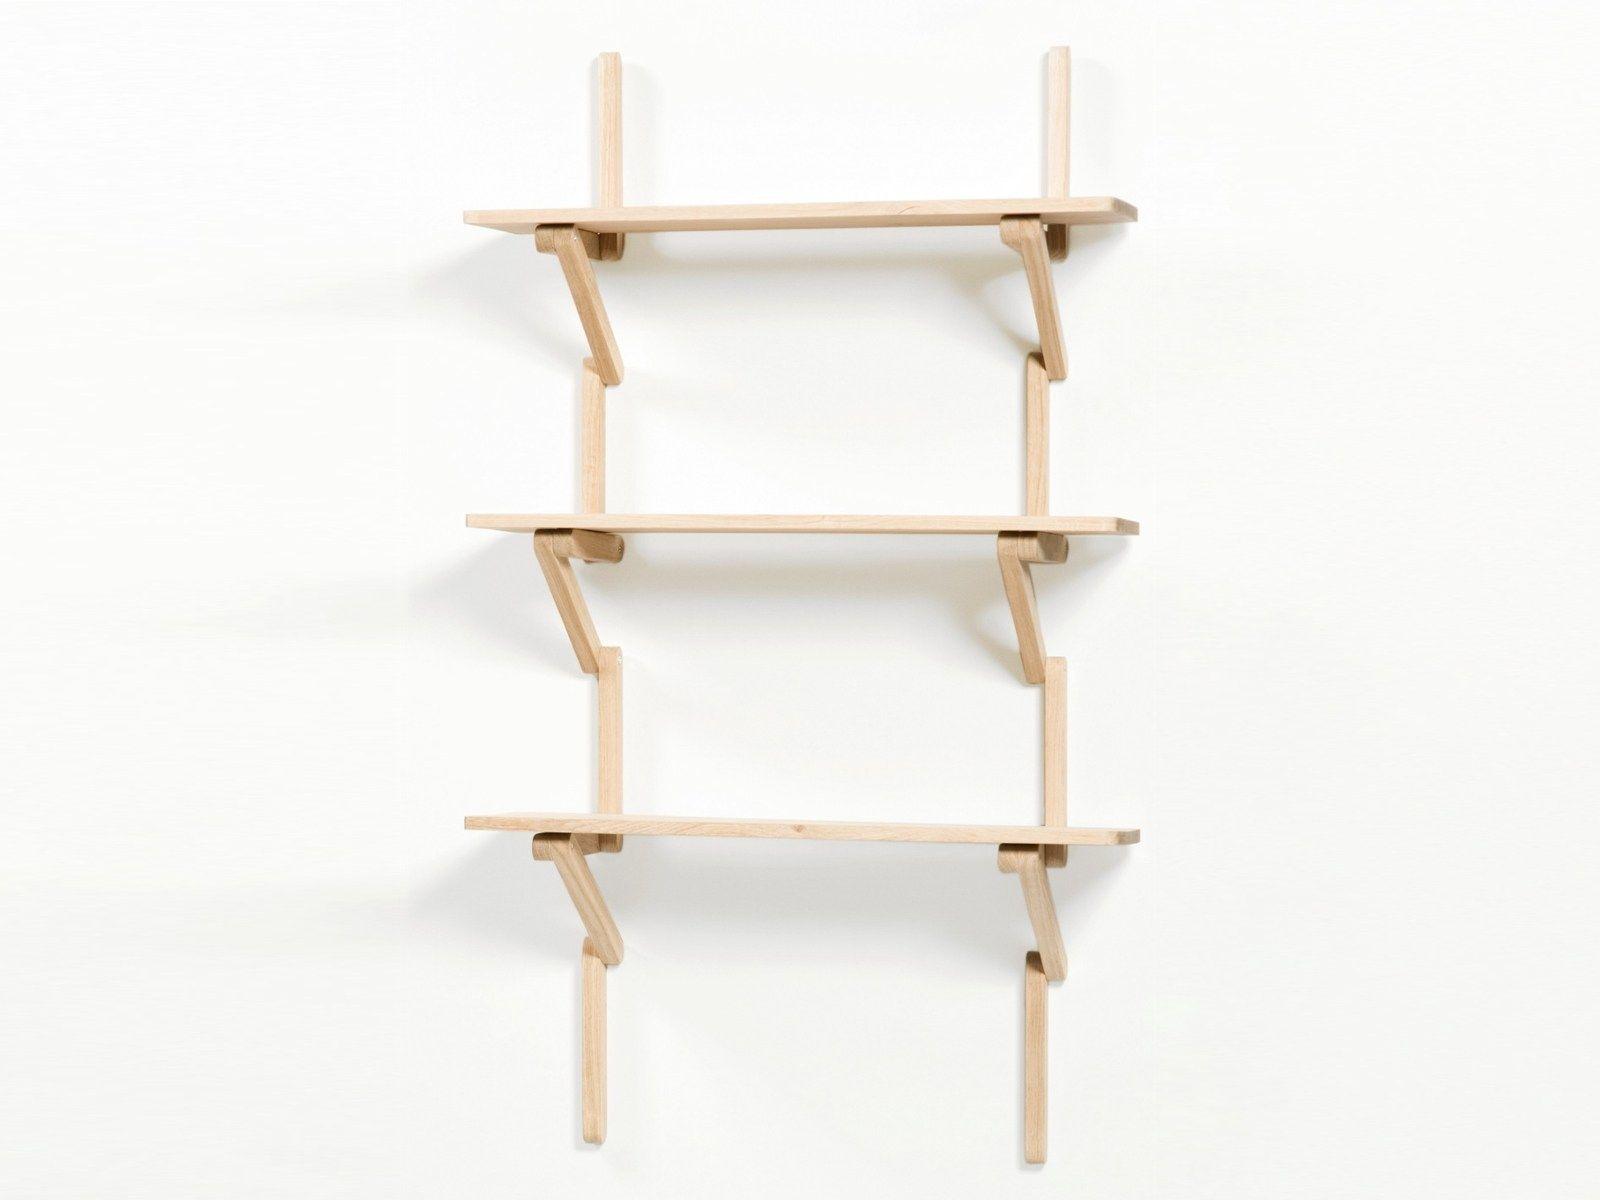 wand b cherregal aus buche m tre by moustache design fran ois azambourg. Black Bedroom Furniture Sets. Home Design Ideas